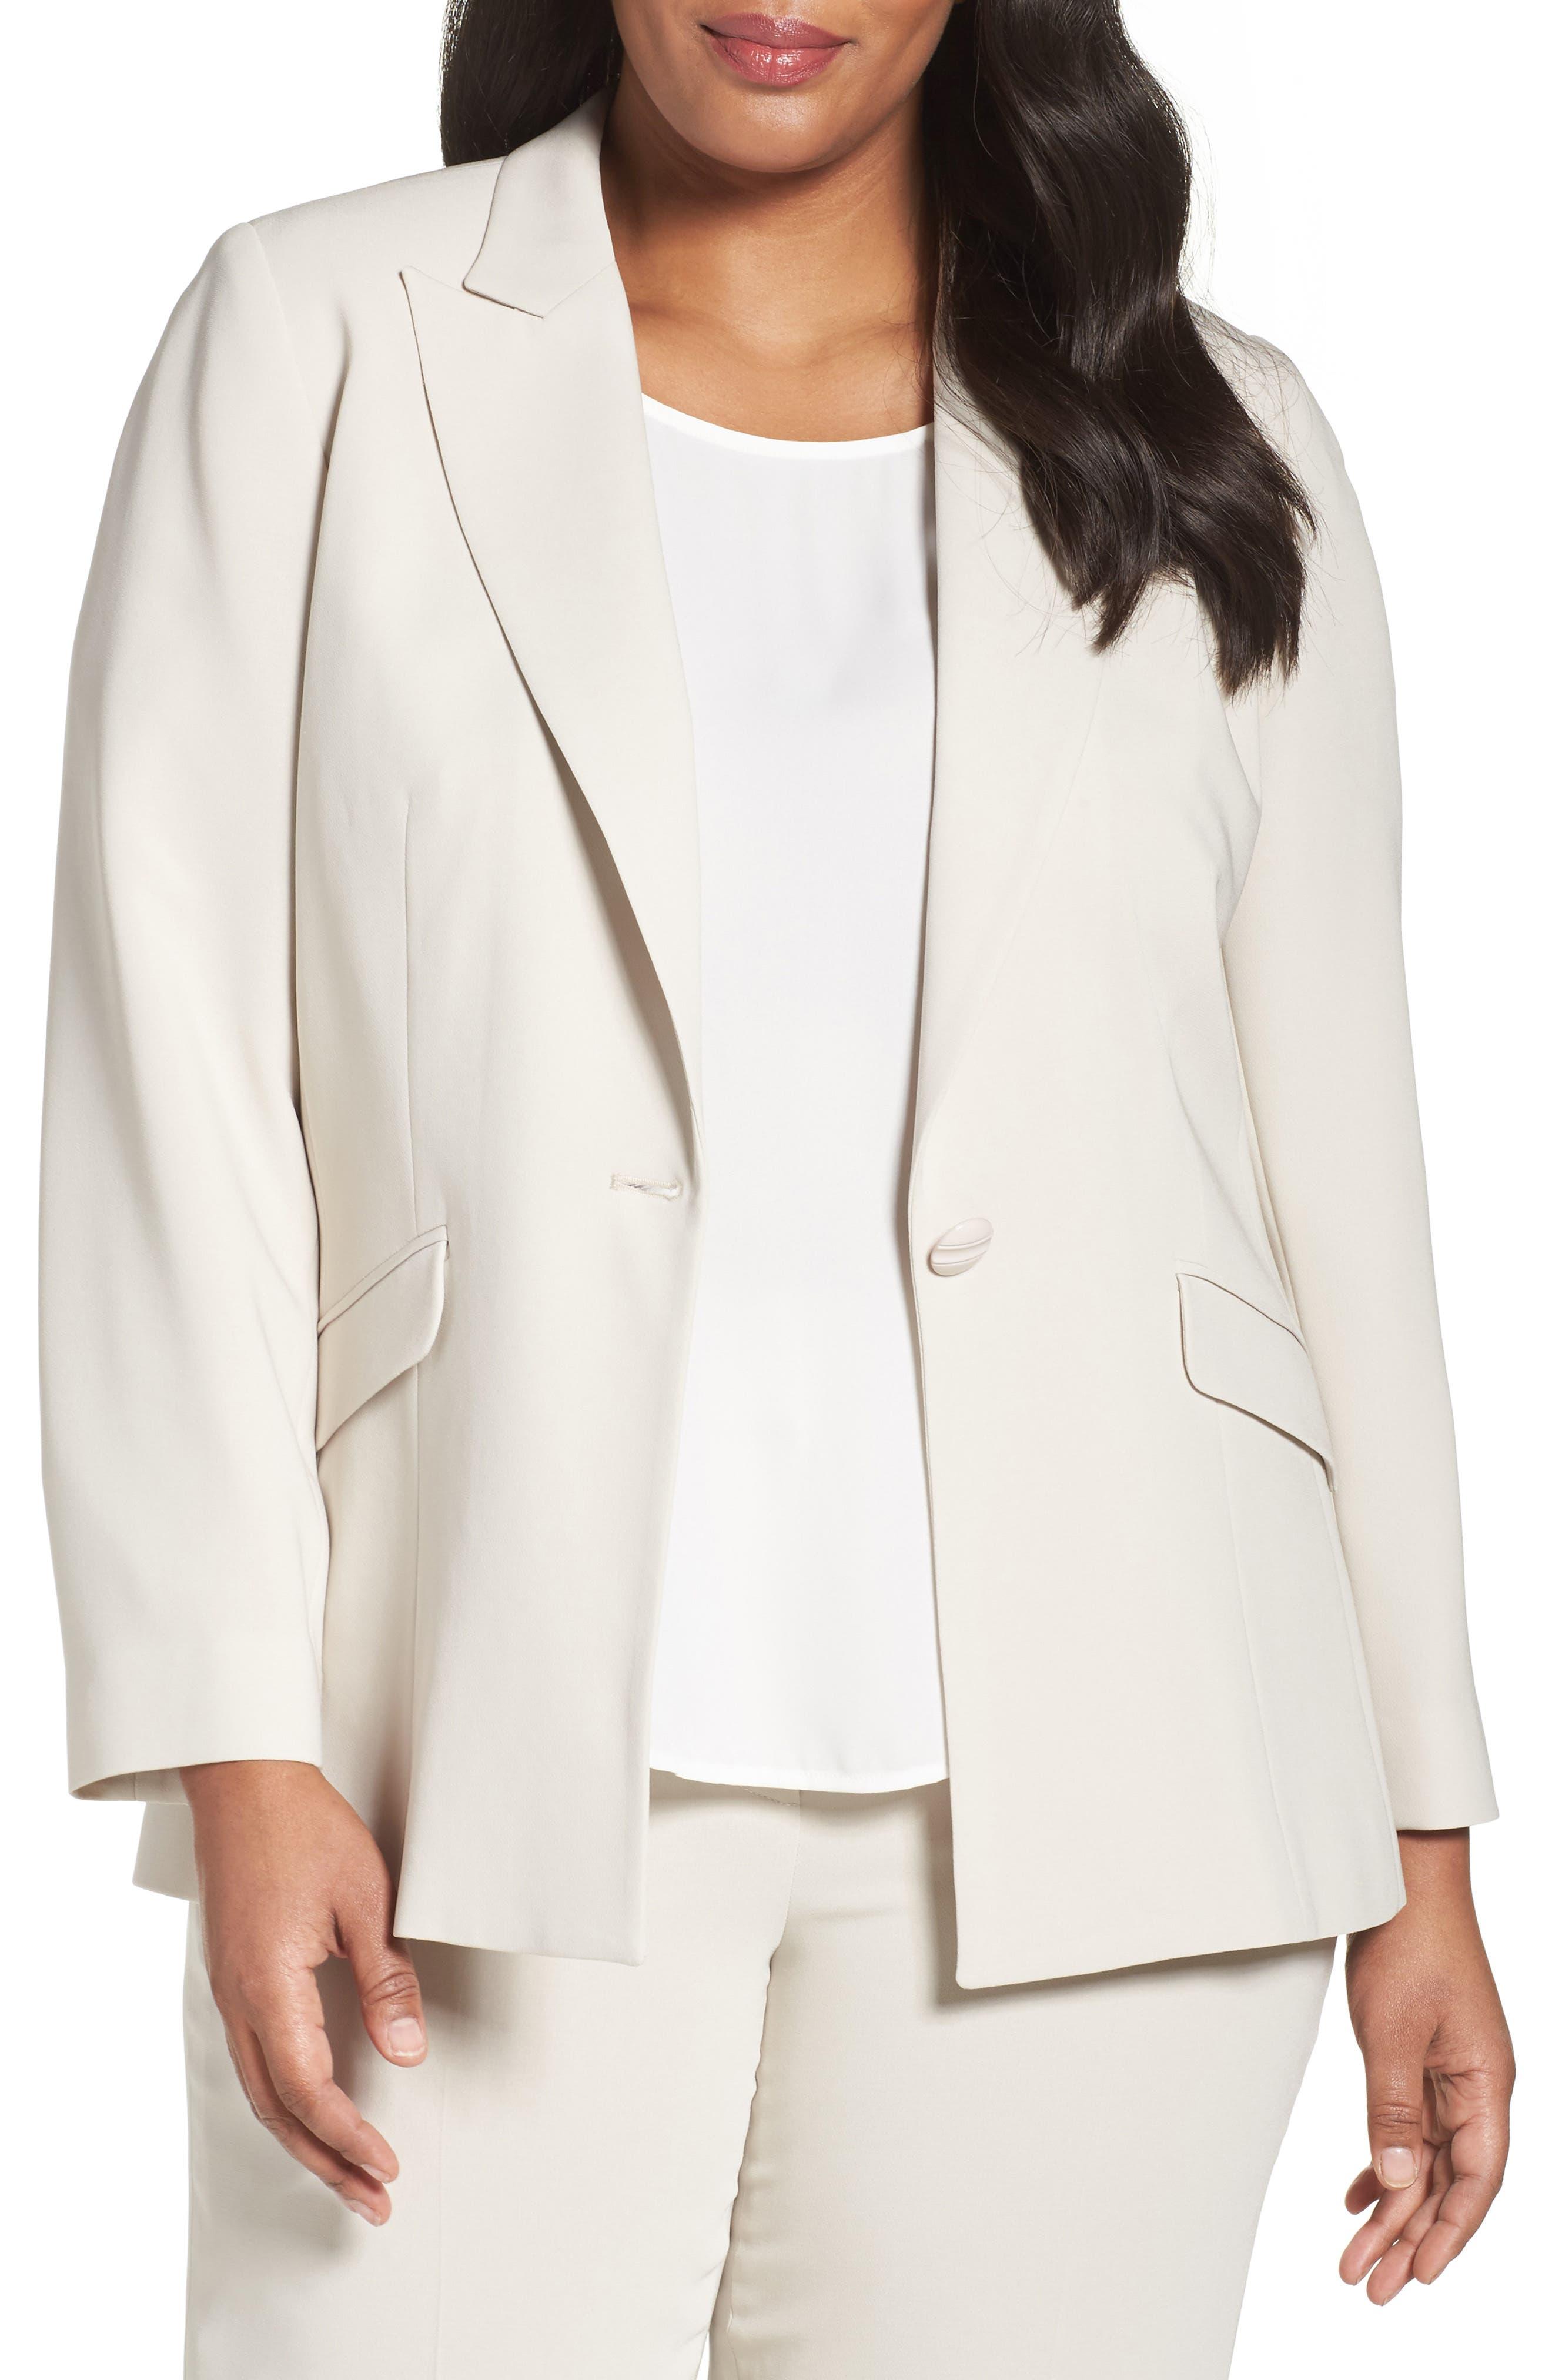 Alternate Image 1 Selected - Louben Peak Lapel Suit Jacket (Plus Size)